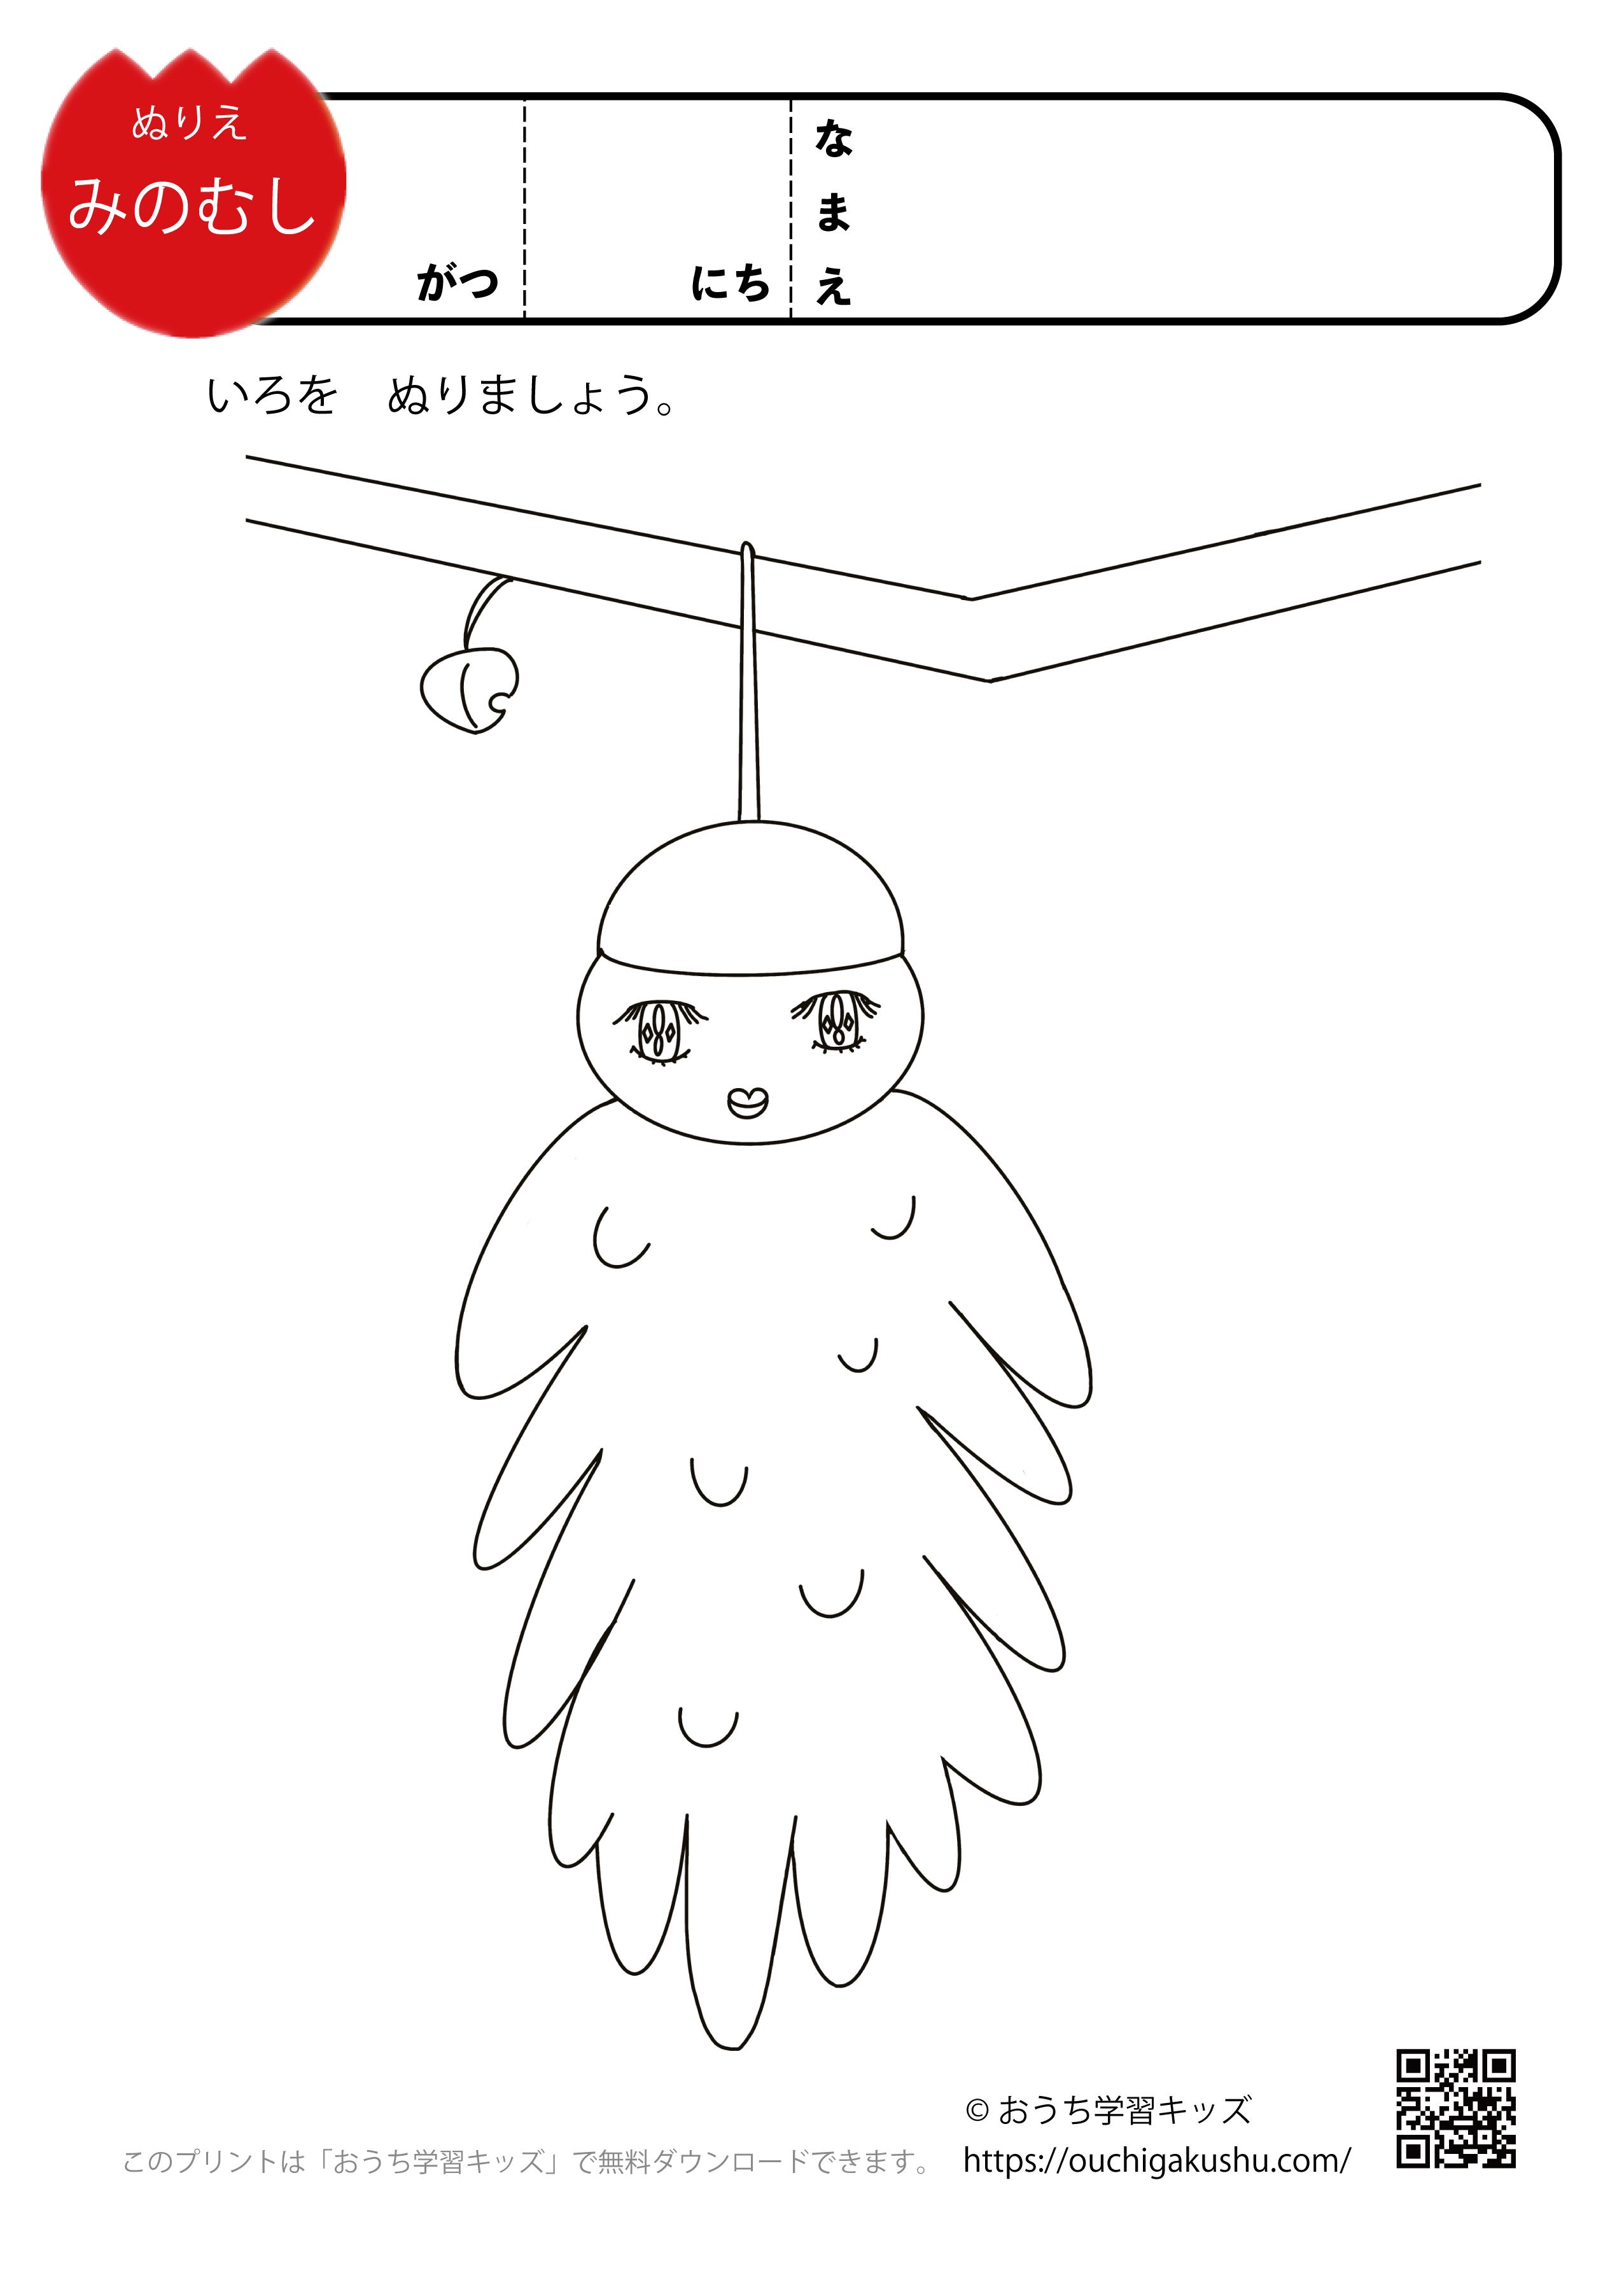 無料ぬりえプリント「みのむし(ミノムシ)」